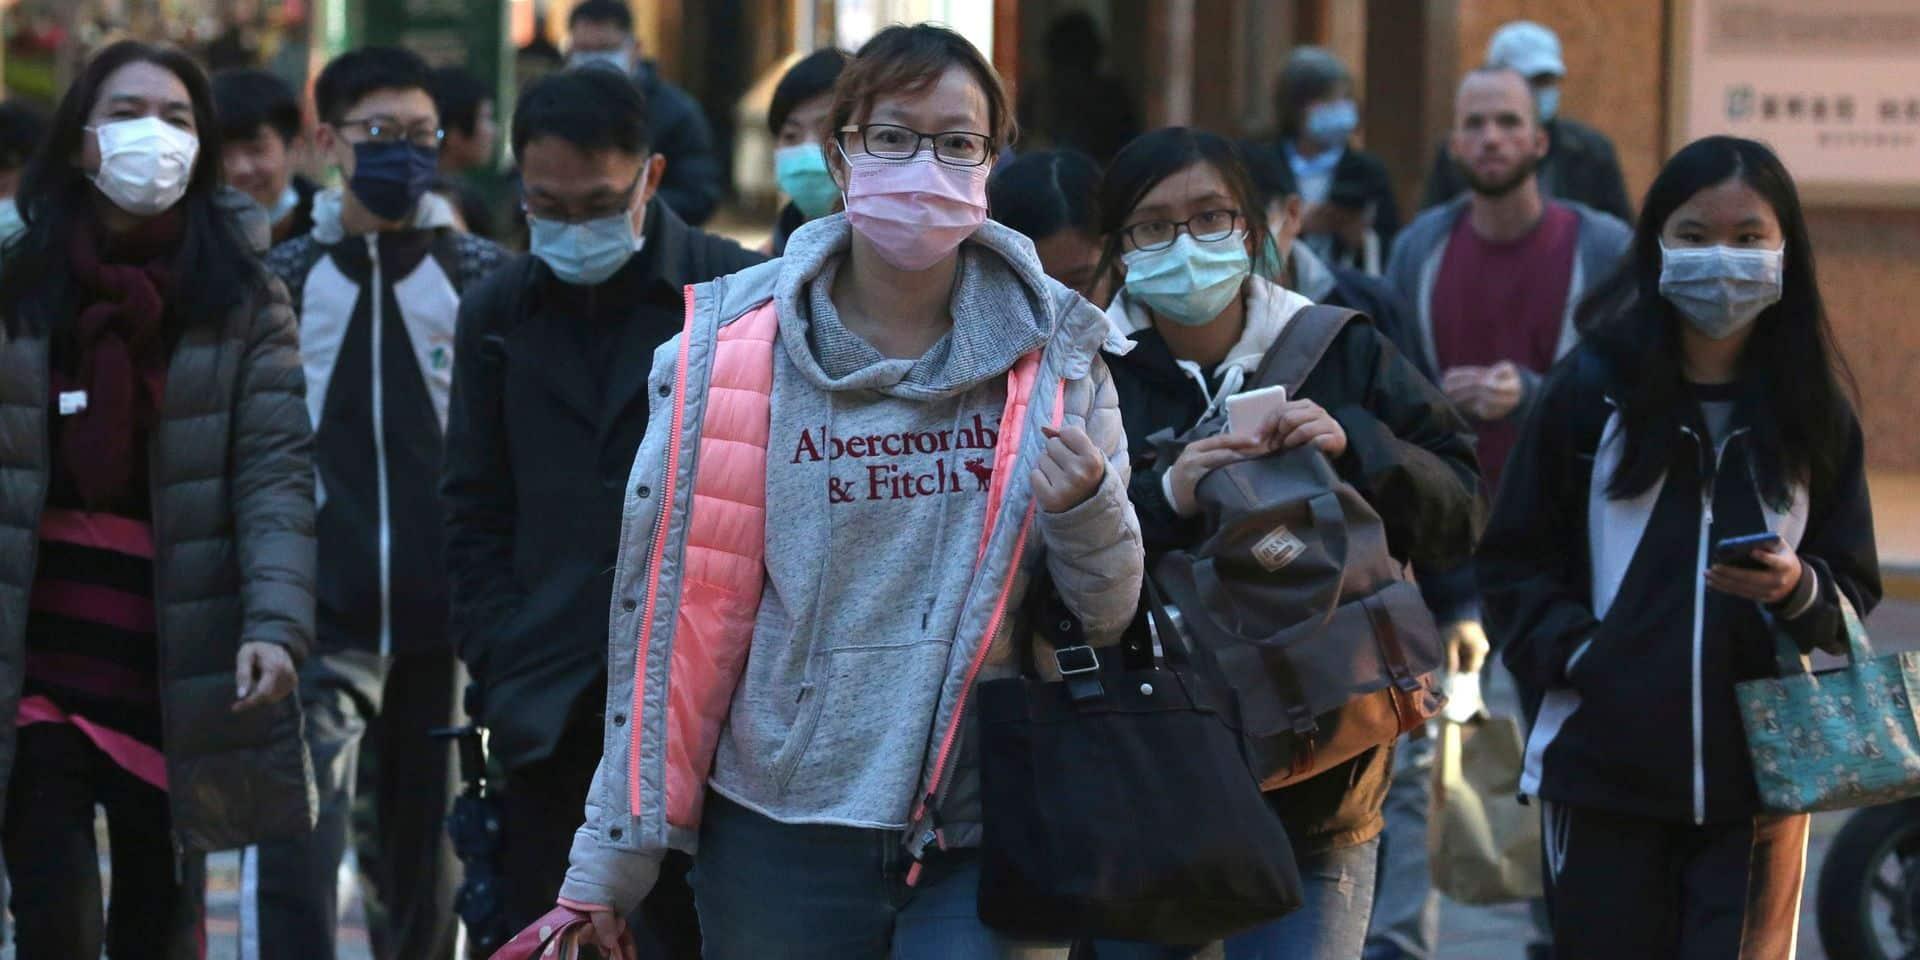 Pour faire face au coronavirus ? Il faudrait peut-être s'inspirer de Taïwan, à la pointe du bras de fer contre le Covid-19